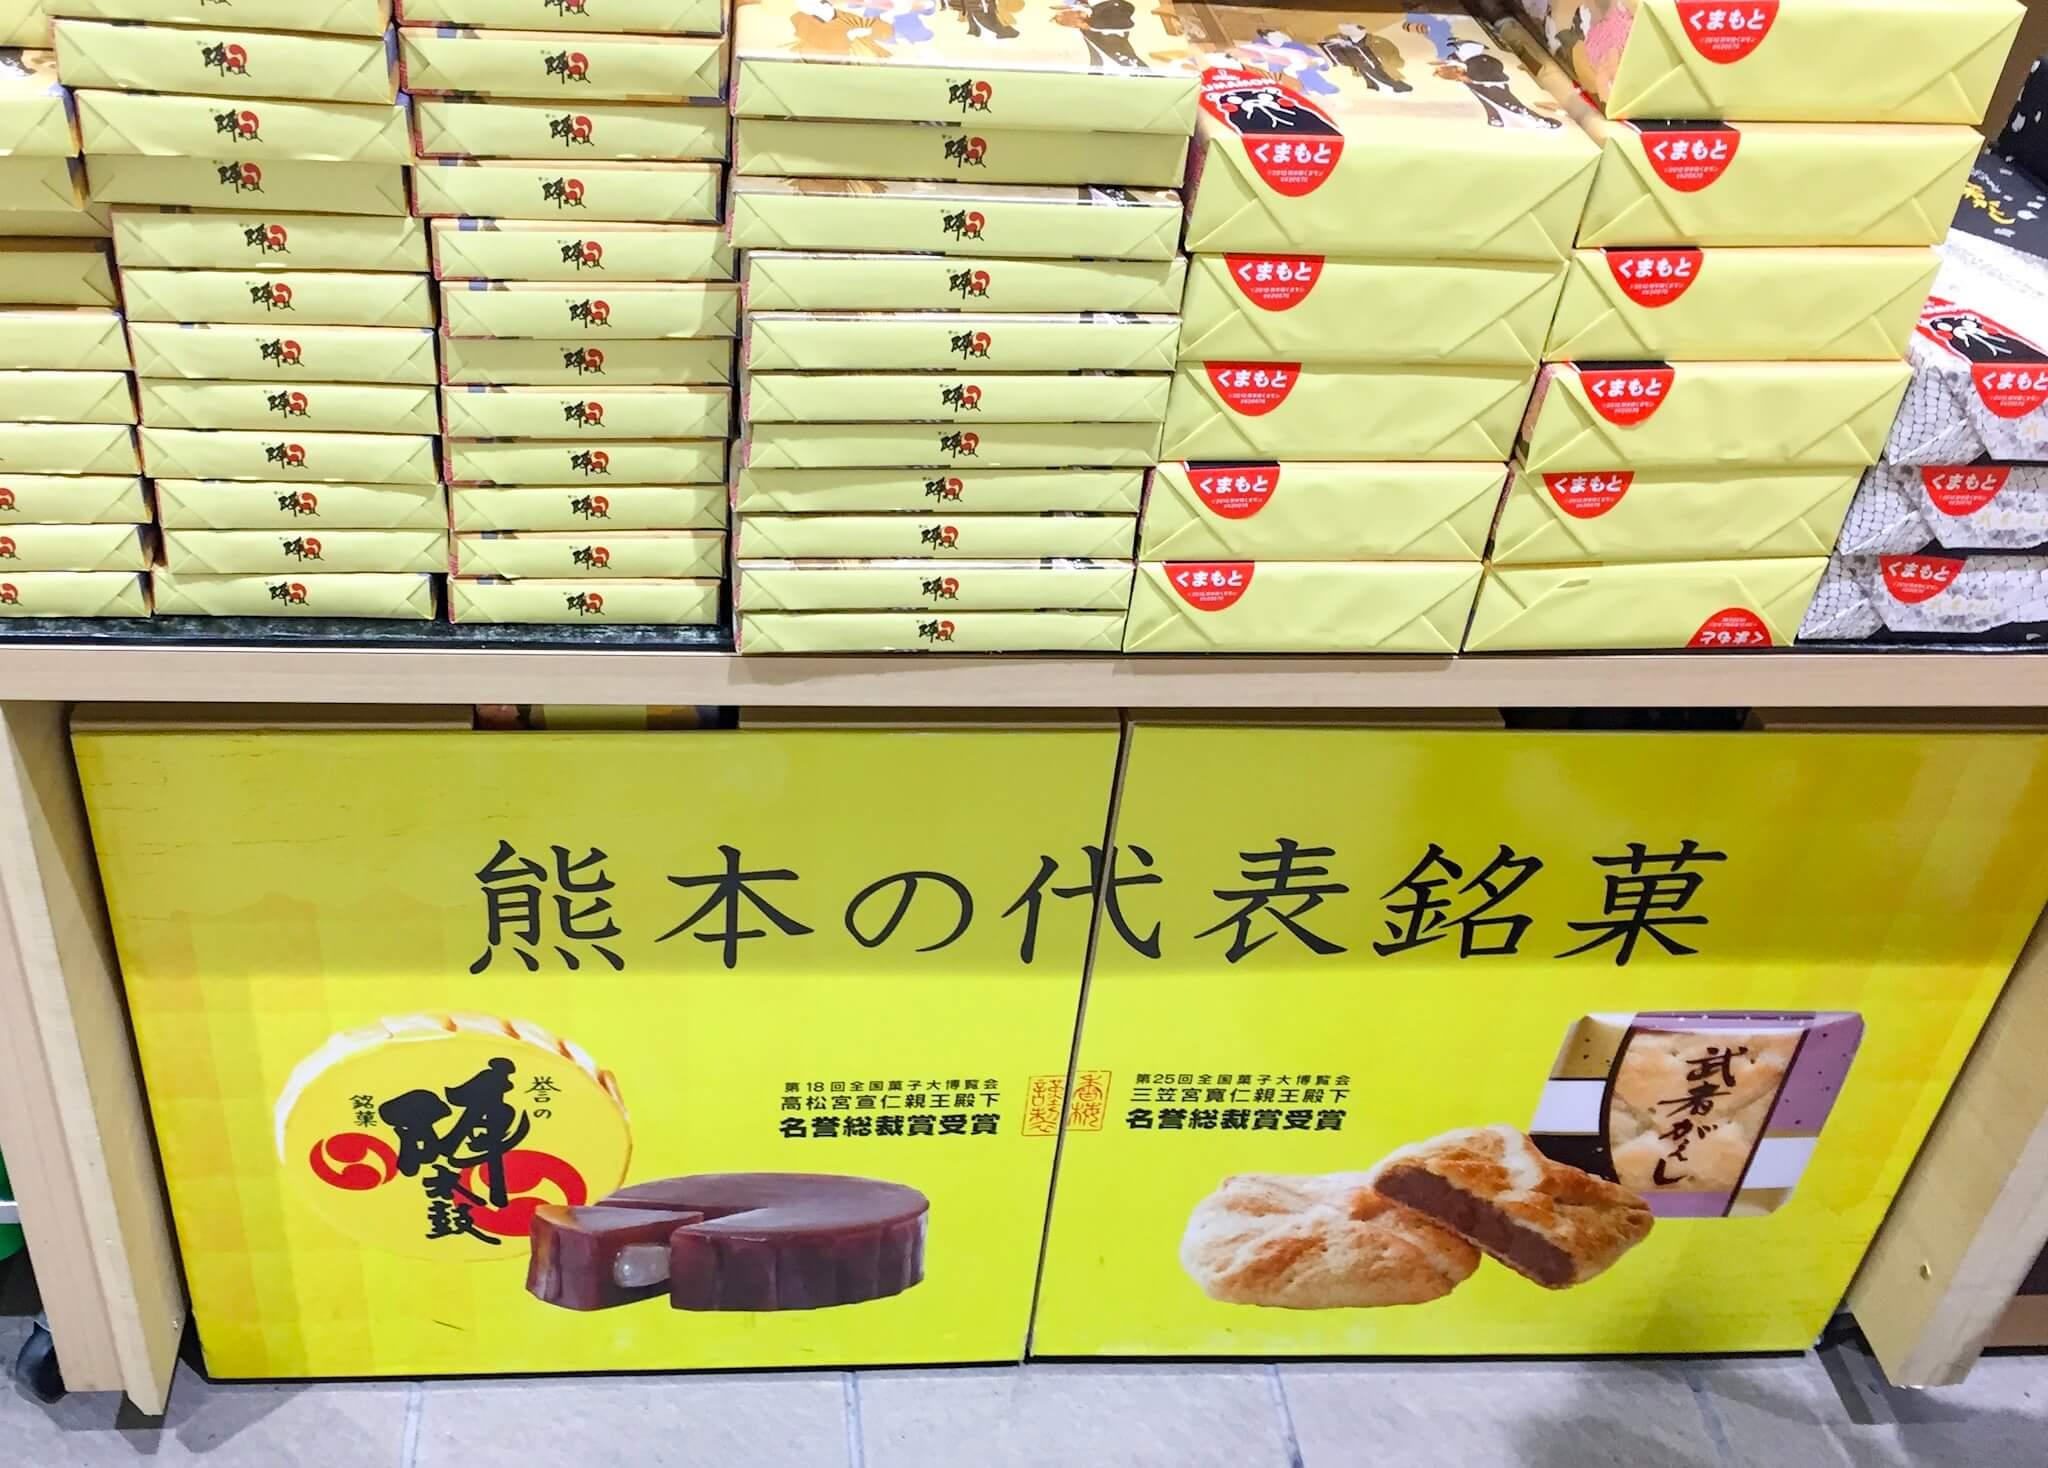 熊本土産で迷ったらコレがおすすめ!お菓子の香梅「誉の陣太鼓」、「武者かえし」の詰め合わせ。